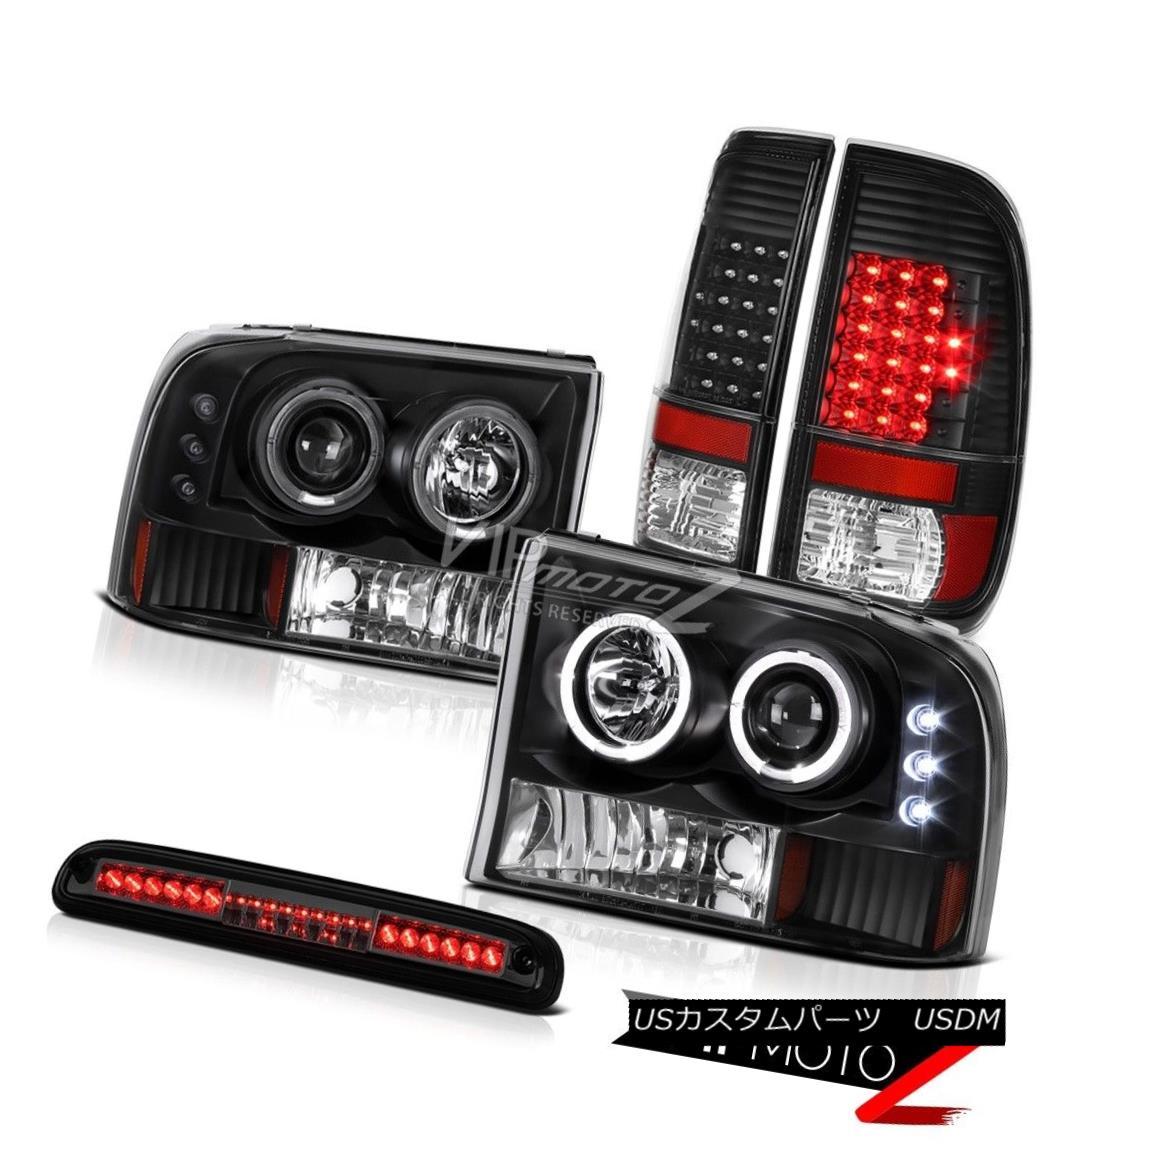 テールライト 1999-2004 F250 6.8L Black Angel Eye Headlights Signal Tail Lights Cargo 3rd LED 1999-2004 F250 6.8Lブラックエンジェルアイヘッドライト信号テールライトカーゴ3rd LED